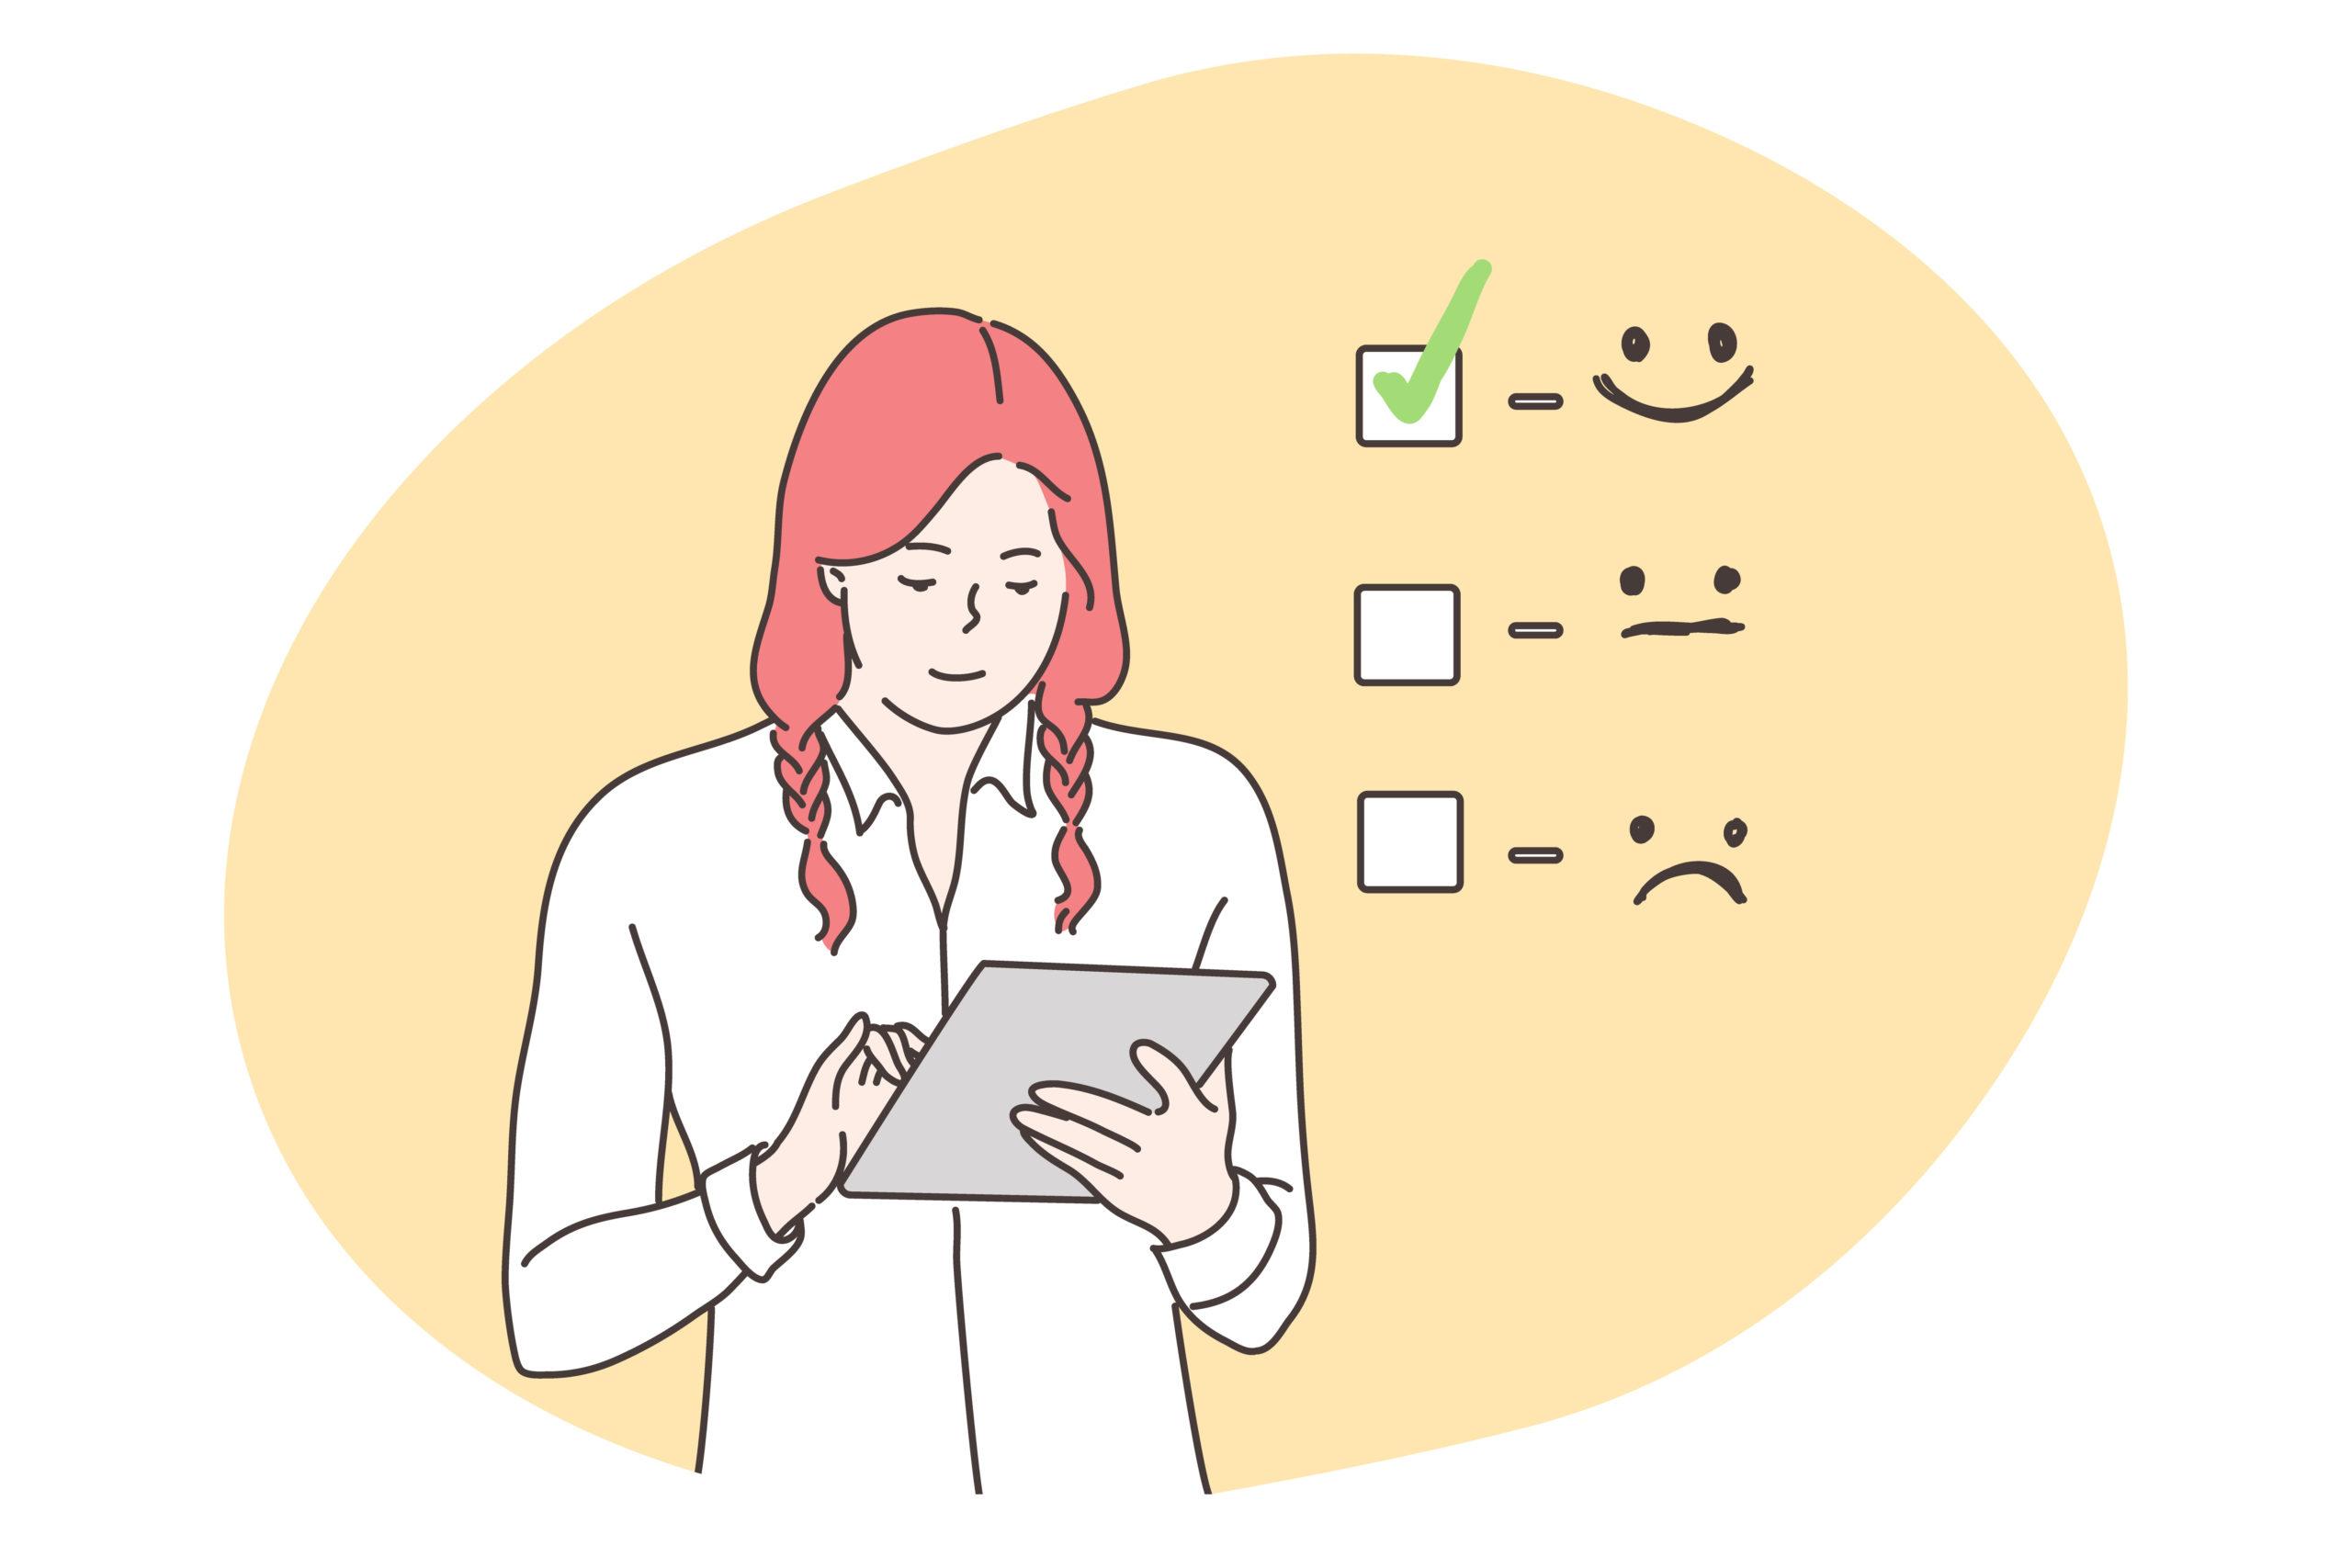 【失敗しない】WordPressおすすめ有料テーマ7選を徹底比較&人気ランキング【初心者でも使用可能です】